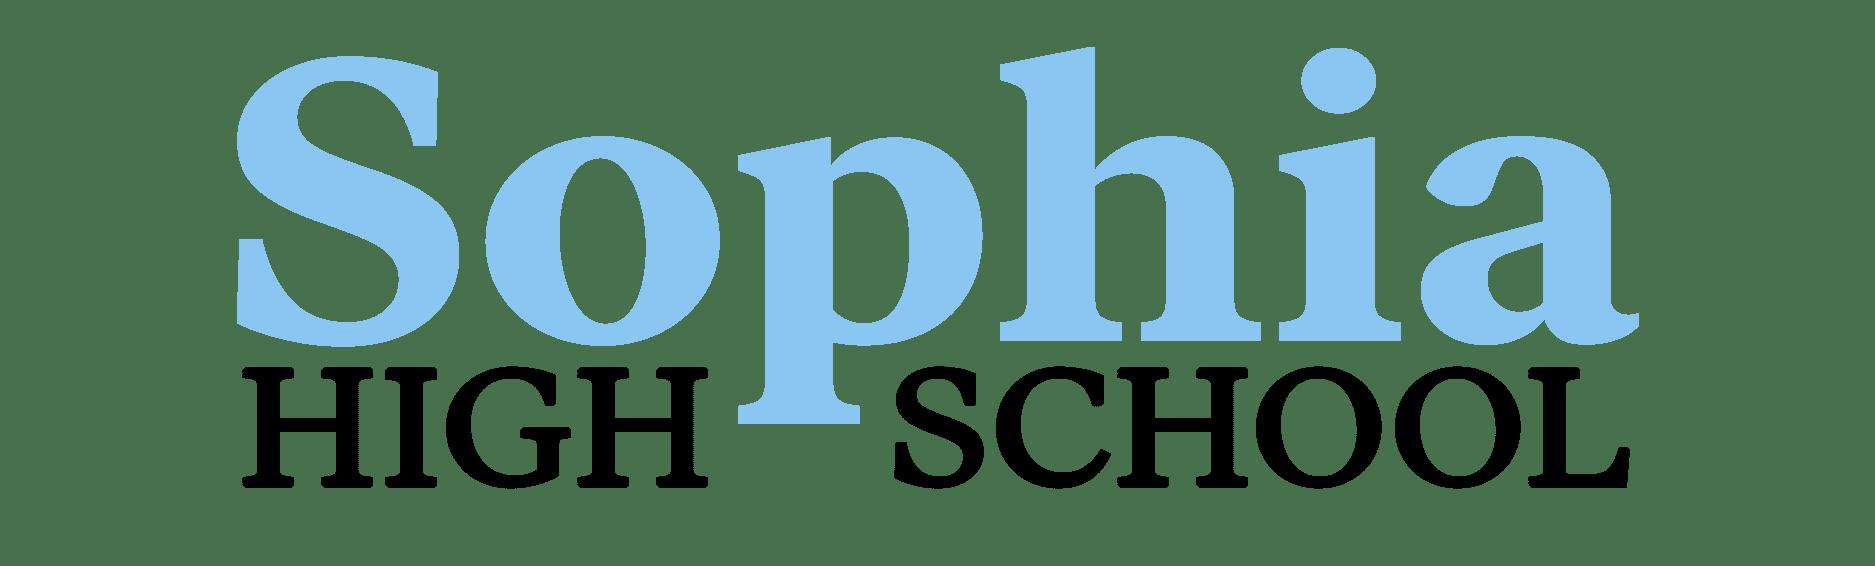 high-school-logo-blue